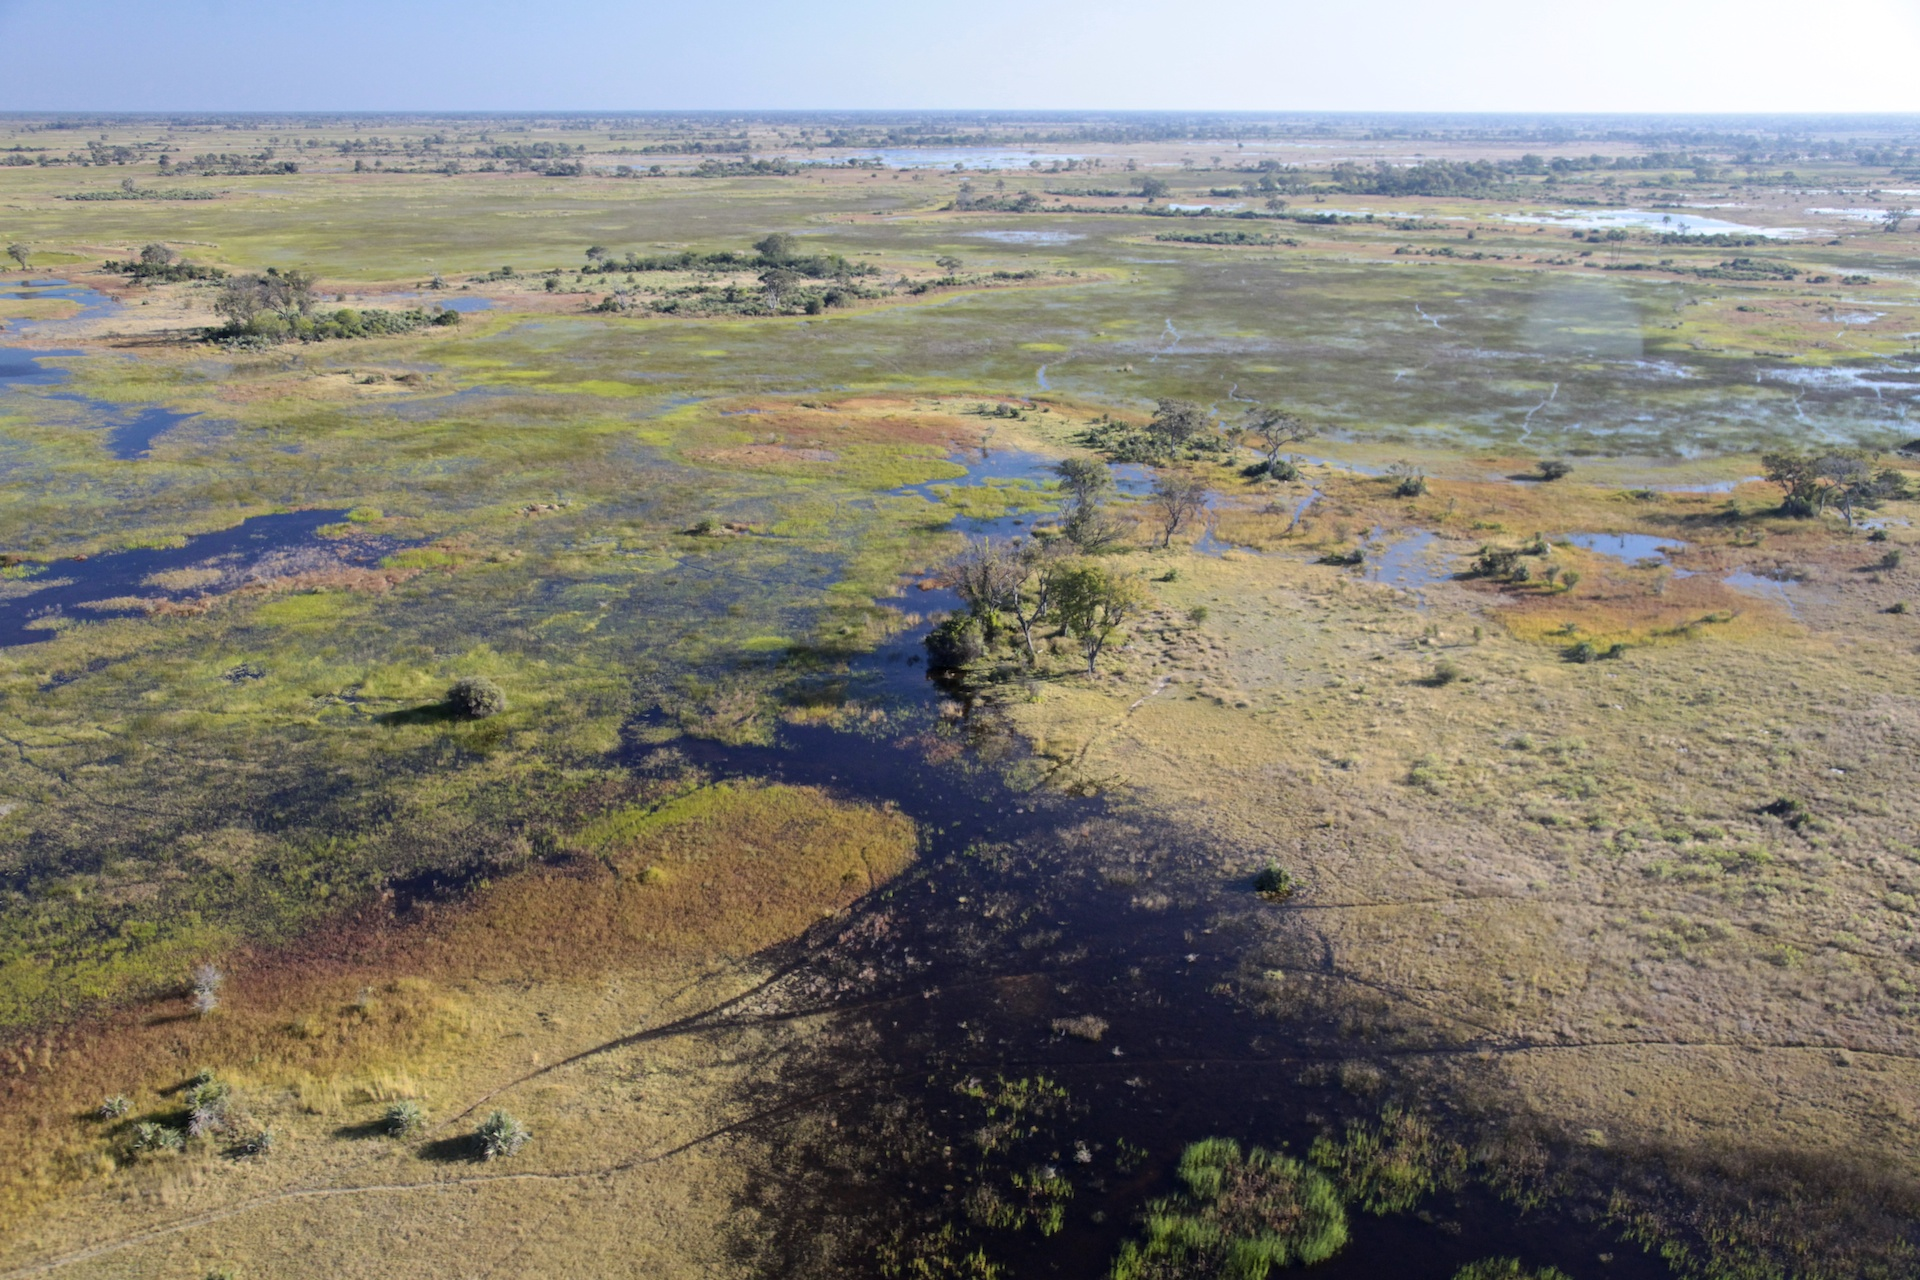 013_Botswana_1883.jpg